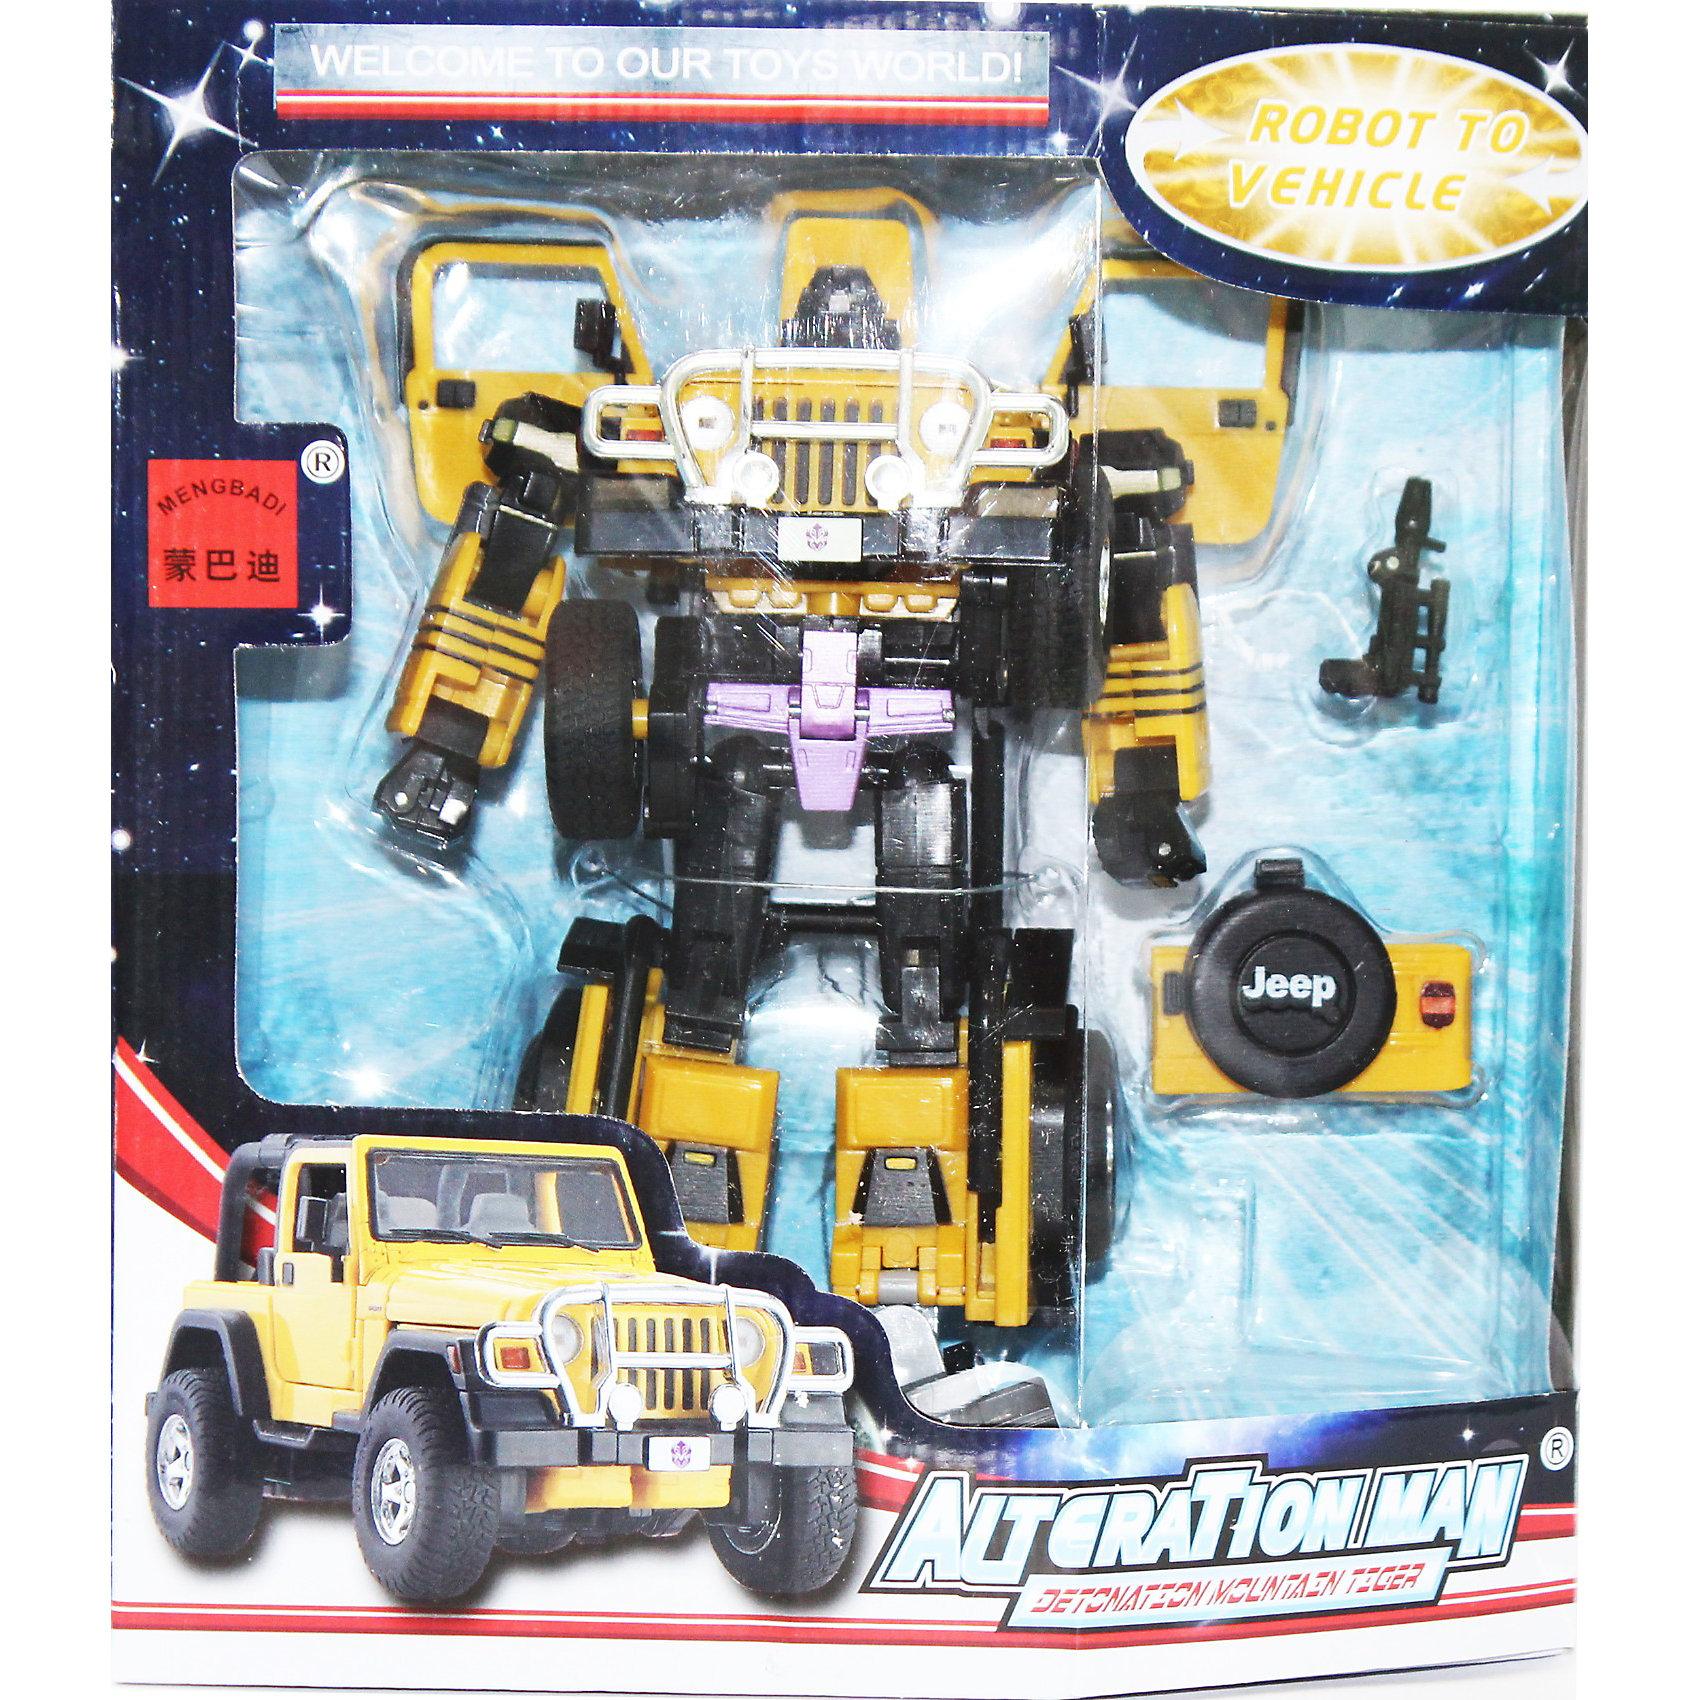 Робот-трансформер: Собирается в Джип XXL, Play LineМашинки<br>Робот-трансформер: Собирается в Джип XXL, Play Line (Плей Лайн) - увлекательная игрушка для мальчиков, развивающая фантазию и логическое мышление, ведь это не одна, а две различные игрушки – робот и крутой Джип. Ваш ребенок сможет придумывать все новые и новые сюжеты для игры.<br><br>Дополнительная информация:<br><br>- Размер упаковки (ДхШхВ): 22х10х25,5 см<br>- Вес: 434 г<br><br>Робот-трансформер: Собирается в Джип XXL, Play Line (Плей Лайн) станет желанным подарком для Вашего ребенка, с которым он почувствует себя главным героем фильма или мультфильма про Трансформеров и надолго увлечет его.<br><br>Игрушку Робот-трансформер: Собирается в Джип XXL, Play Line (Плей Лайн) можно купить в нашем магазине.<br><br>Ширина мм: 120<br>Глубина мм: 300<br>Высота мм: 410<br>Вес г: 450<br>Возраст от месяцев: 36<br>Возраст до месяцев: 144<br>Пол: Мужской<br>Возраст: Детский<br>SKU: 3539024